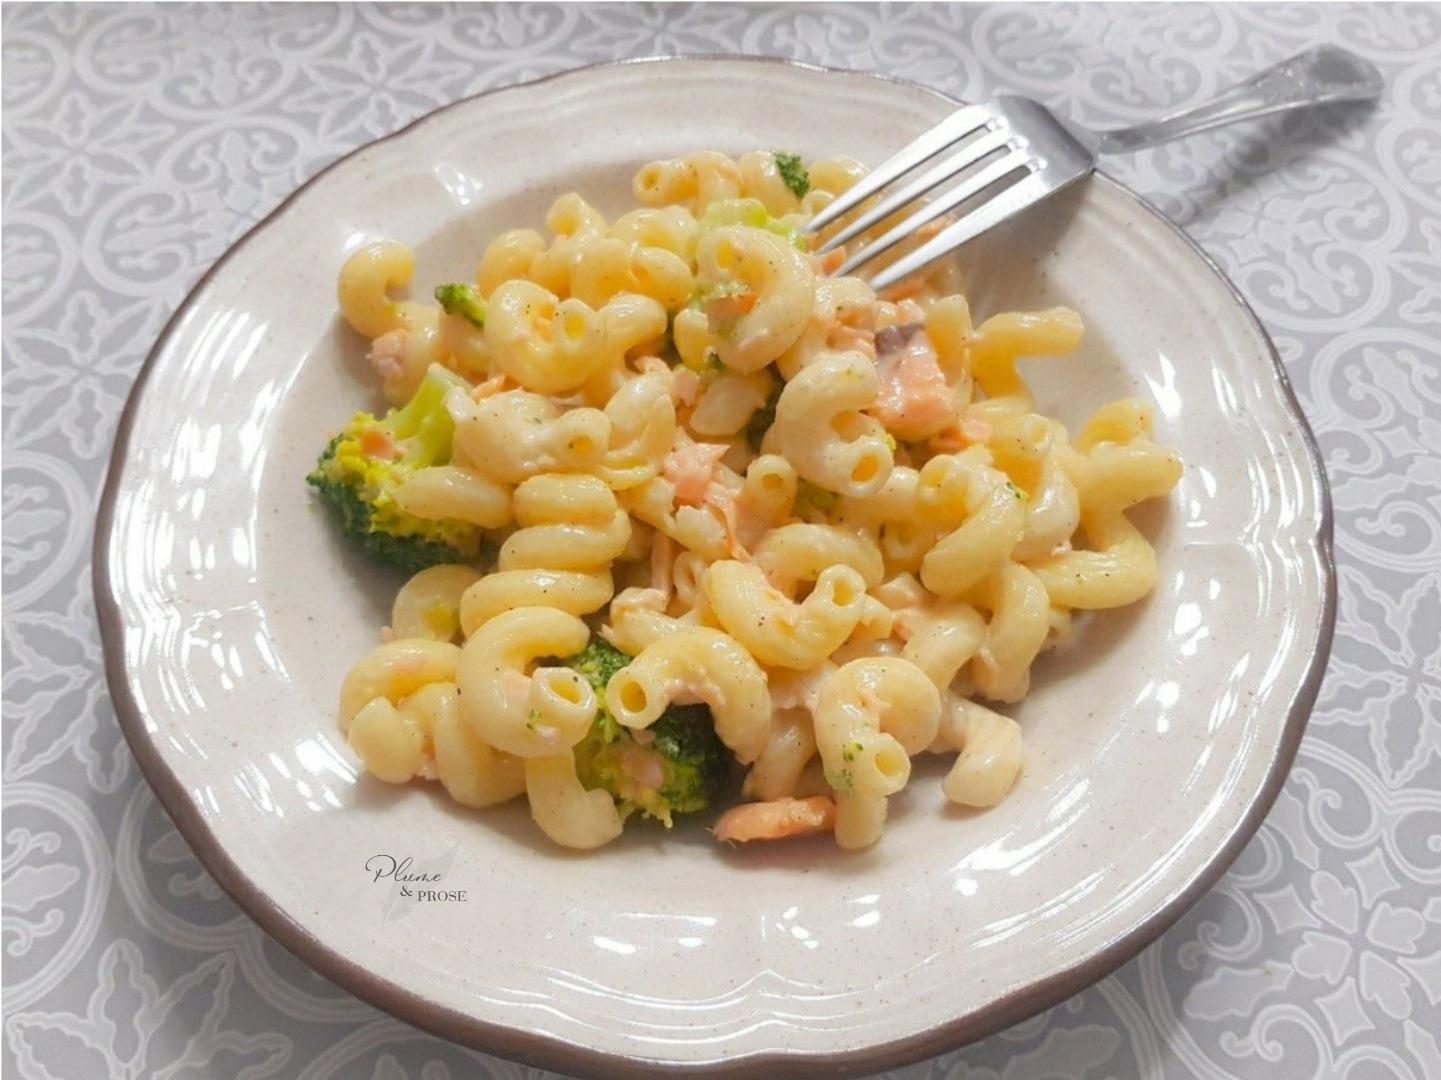 Goûtez au plaisir crémeux de ces pâtes au saumon et brocolis